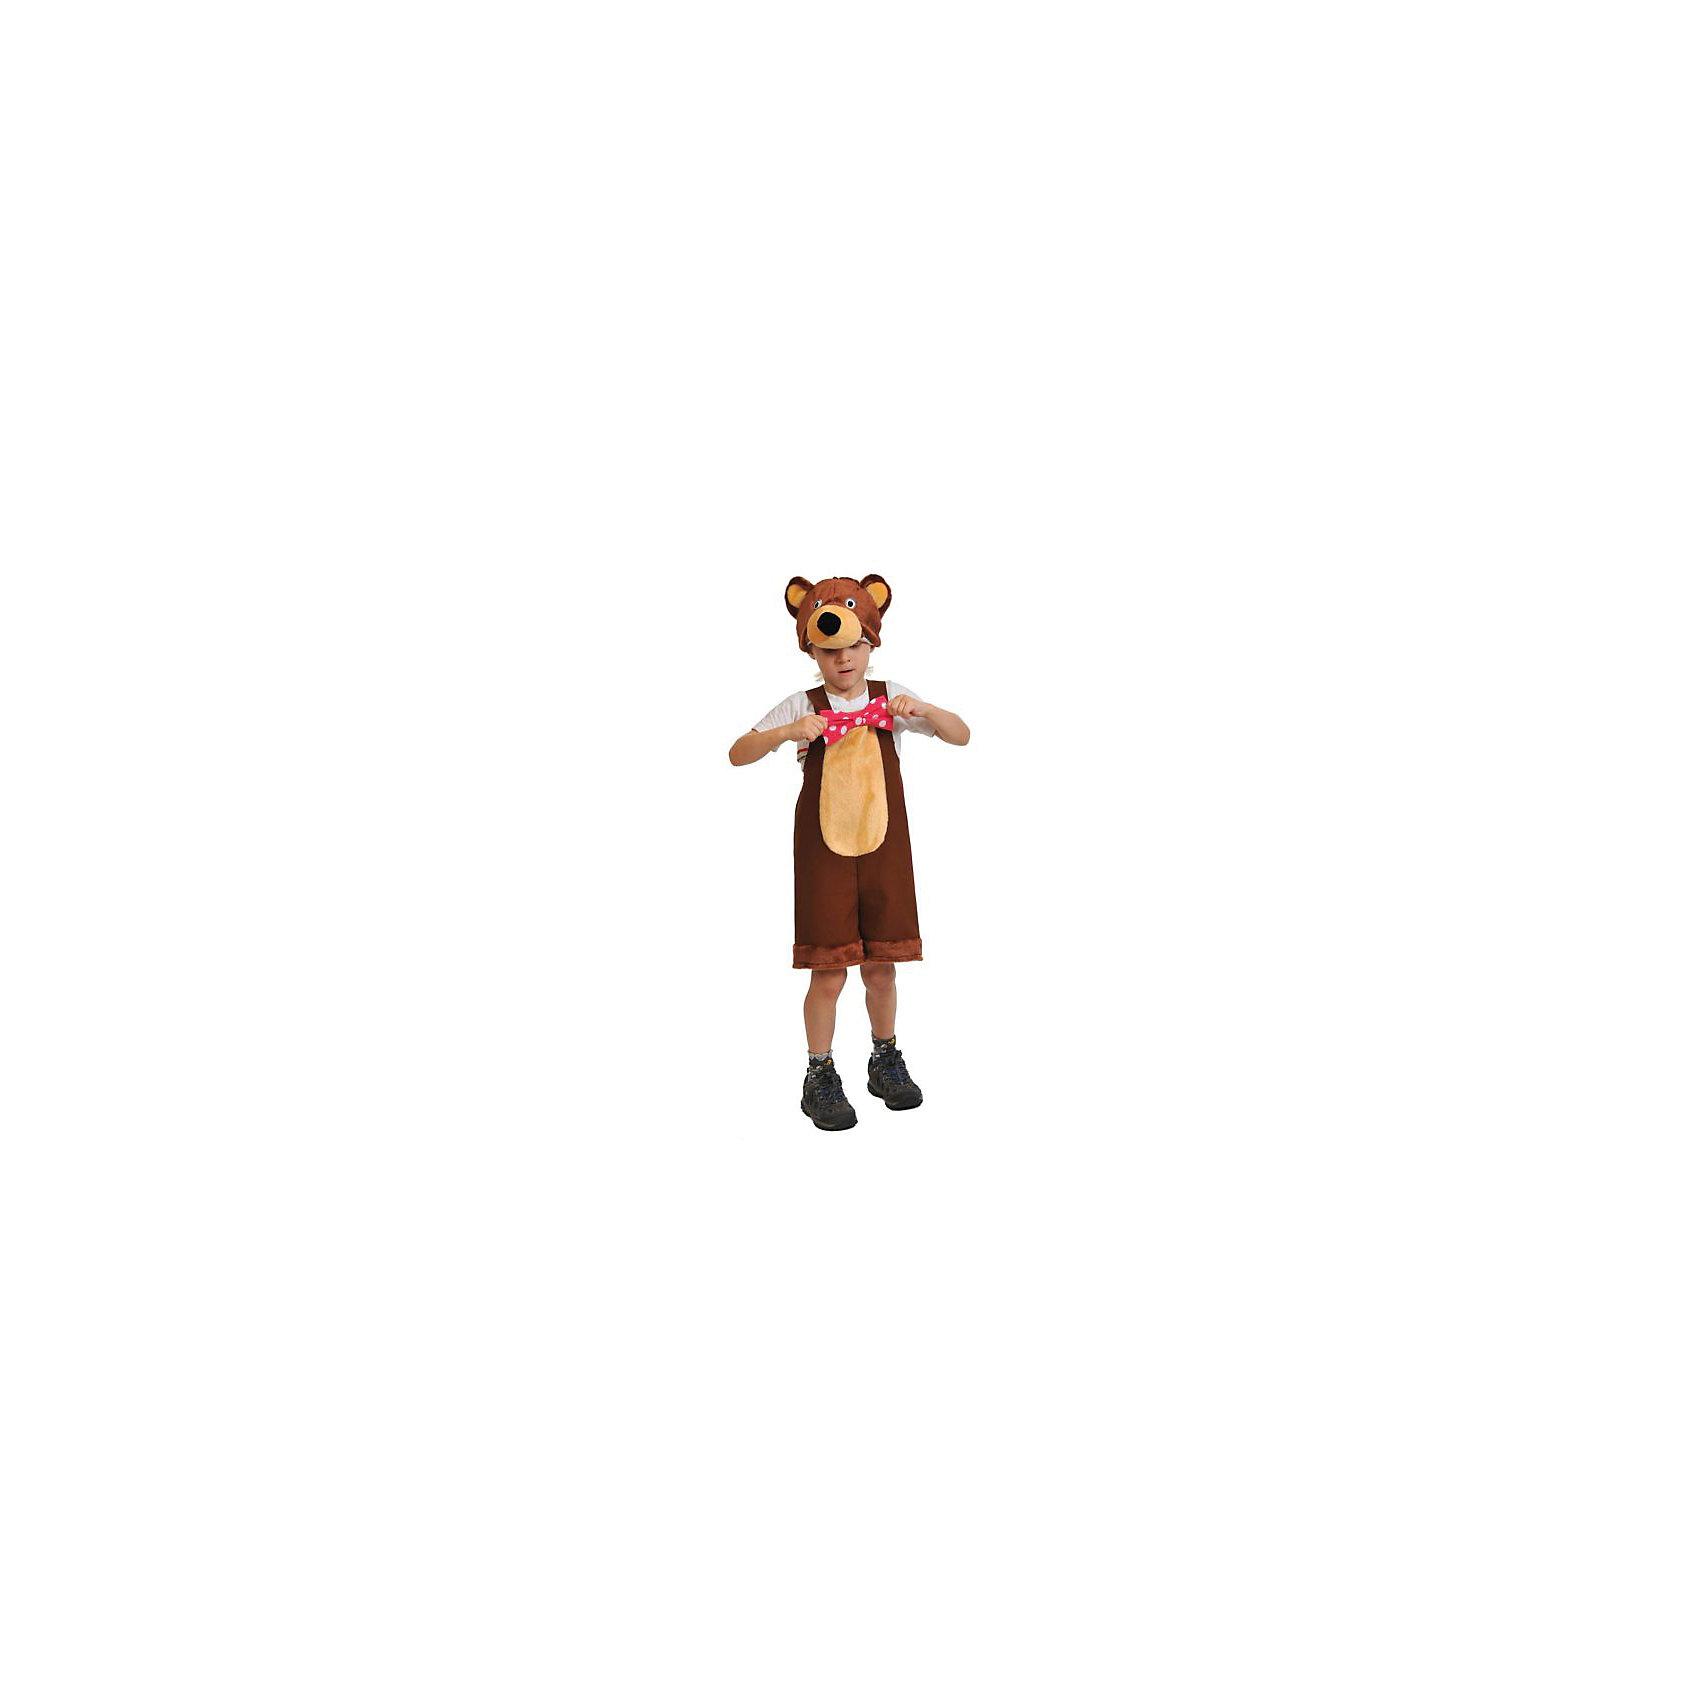 Костюм Медведь цирковой, рост 100-125, КарнавалоффХарактеристики товара:<br><br>• комплектация: шапка, комбинезон<br>• материал: текстиль, плюш<br>• для праздников и постановок<br>• упаковка: пакет<br>• возраст: от 4 лет<br>• страна бренда: Российская Федерация<br>• страна изготовитель: Российская Федерация<br><br>Новогодние праздники - отличная возможность перевоплотиться в кого угодно, надев маскарадный костюм. Этот набор позволит ребенку мгновенно превратиться в медведя!<br>Он состоит из двух предметов, которые подойдут дошкольникам и младшим школьникам - костюм рассчитан на рост от 100 см до 125 см. Изделия удобно сидят и позволяют ребенку наслаждаться праздником или принимать участие в постановке. Модель хорошо проработана, сшита из качественных и проверенных материалов, которые безопасны для детей.<br><br>Костюм Медведь цирковой, рост 100-125, от бренда Карнавалофф можно купить в нашем интернет-магазине.<br><br>Ширина мм: 280<br>Глубина мм: 300<br>Высота мм: 80<br>Вес г: 194<br>Возраст от месяцев: 60<br>Возраст до месяцев: 120<br>Пол: Мужской<br>Возраст: Детский<br>SKU: 5177204